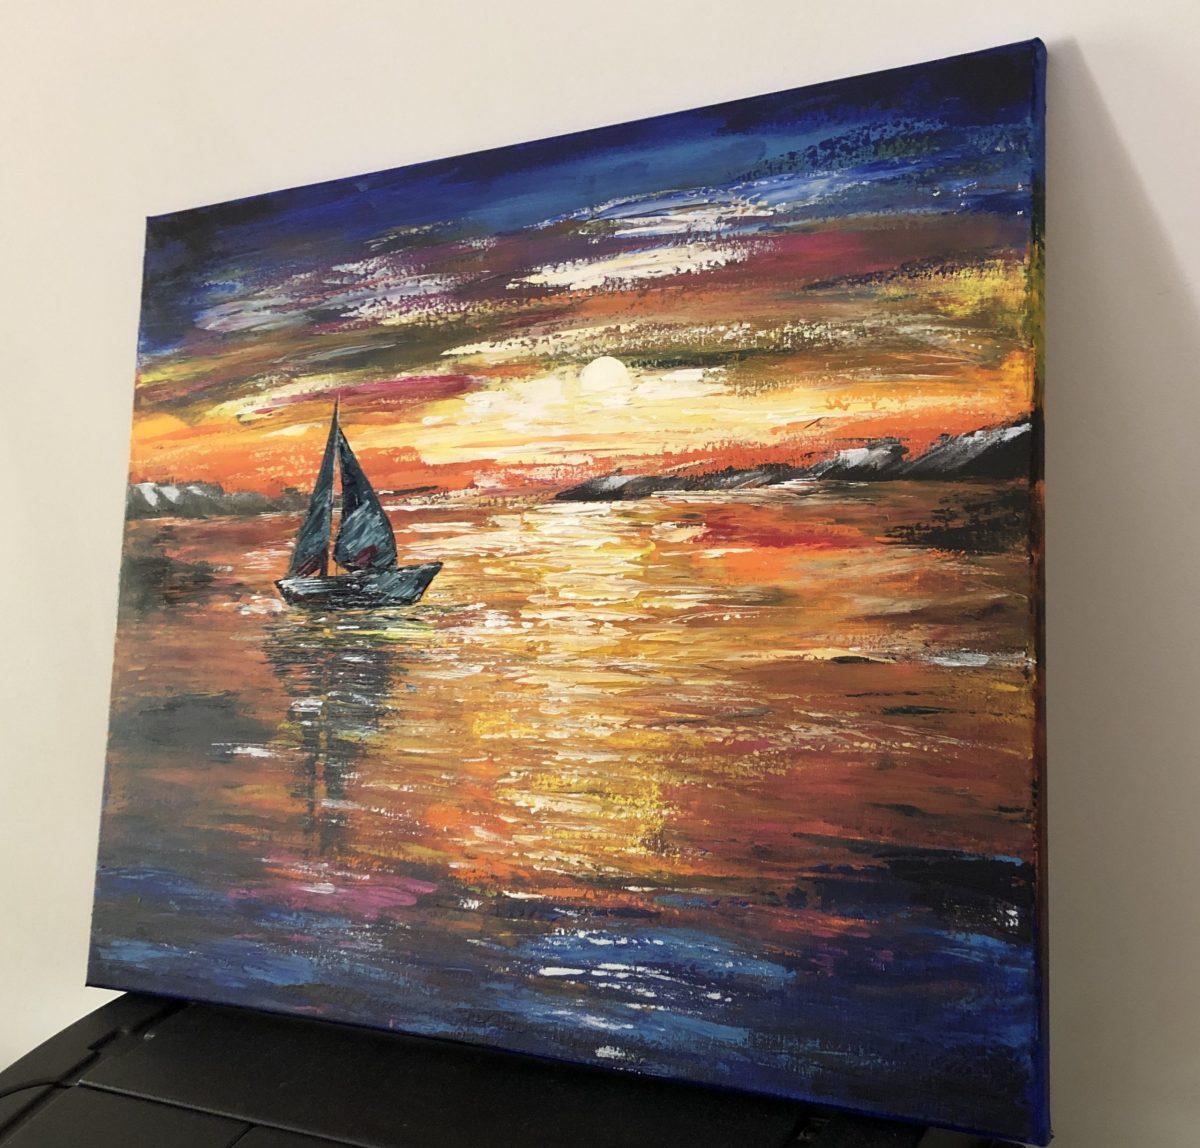 Sunset sail, côté droite du tableau